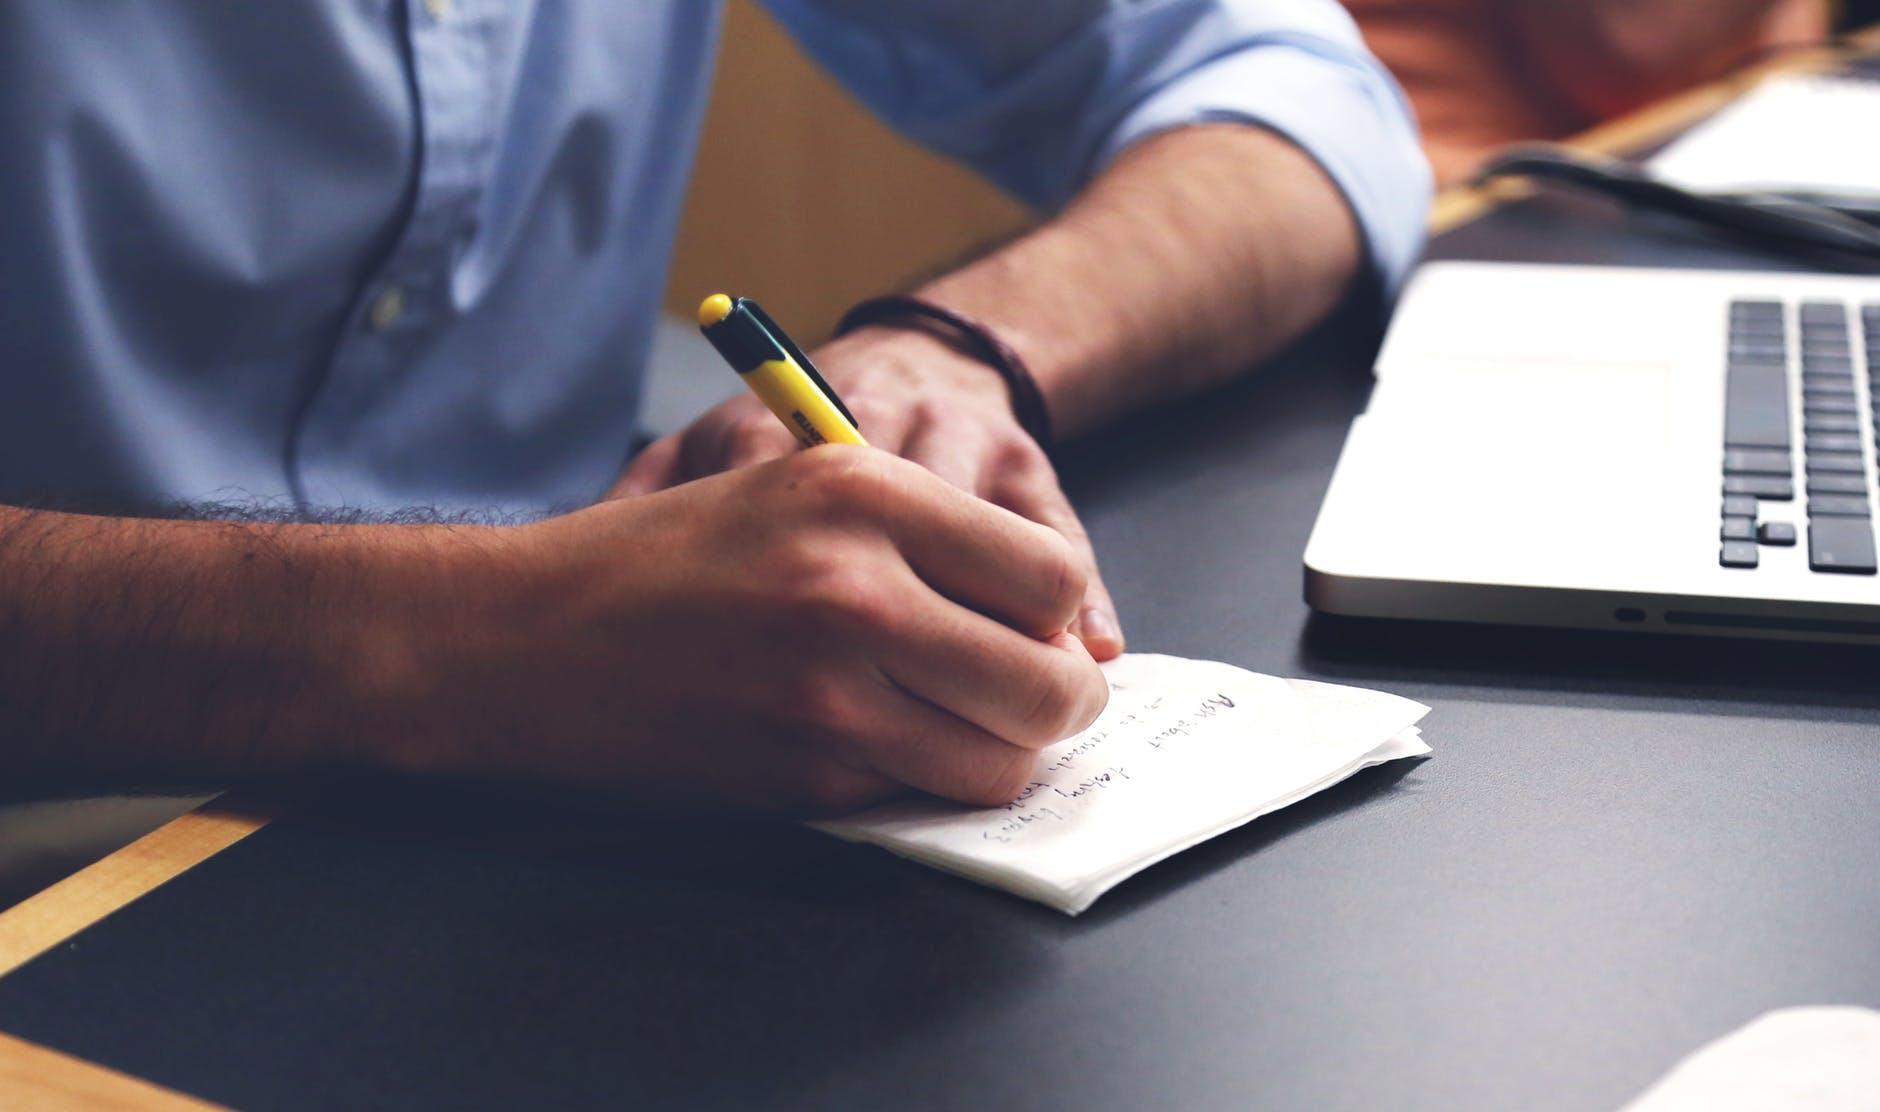 Contoh Surat Keterangan Kerja, Penting untuk Berbagai Urusan